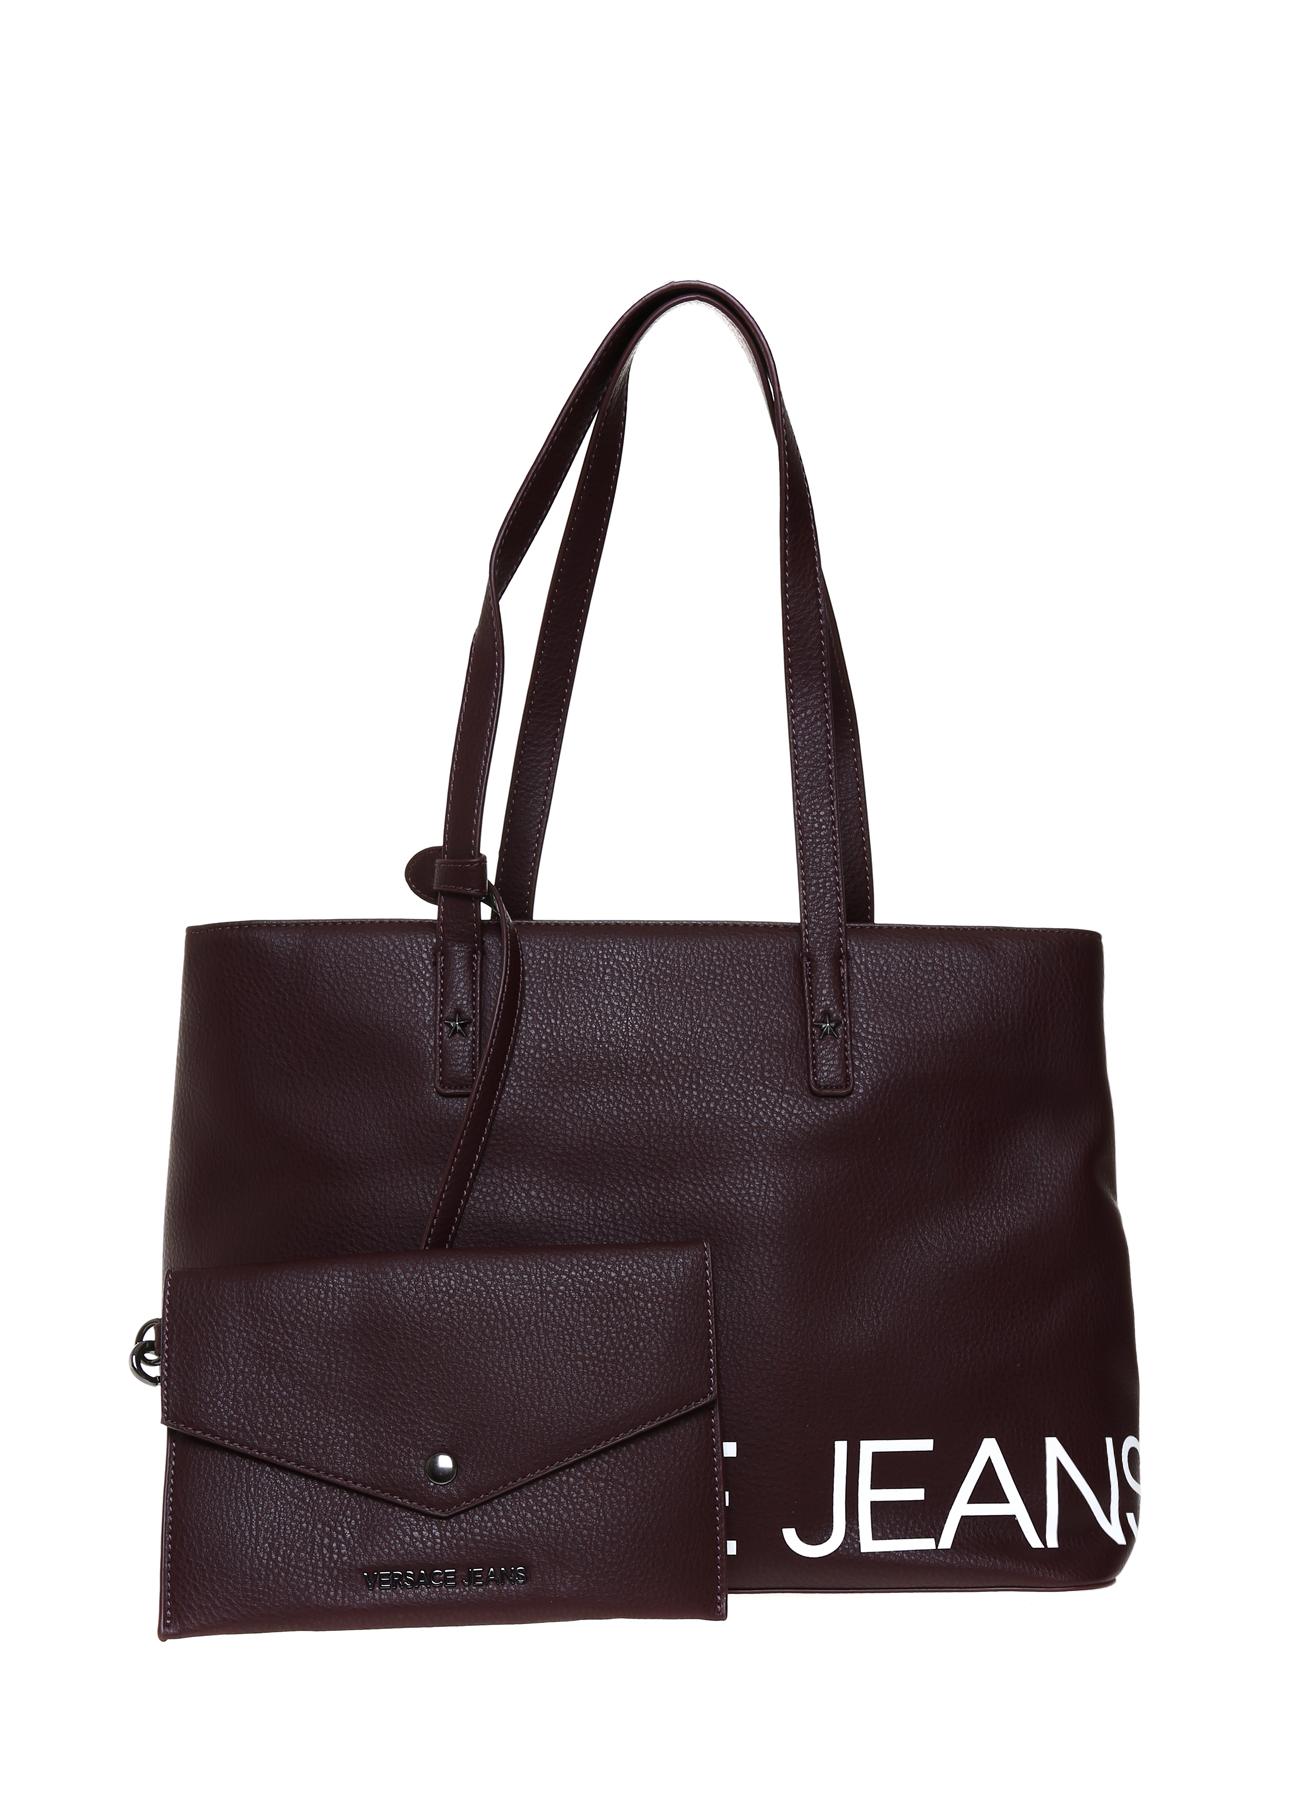 Versace Jeans Yazılı Bordo El Çantası 5001976397001 Ürün Resmi